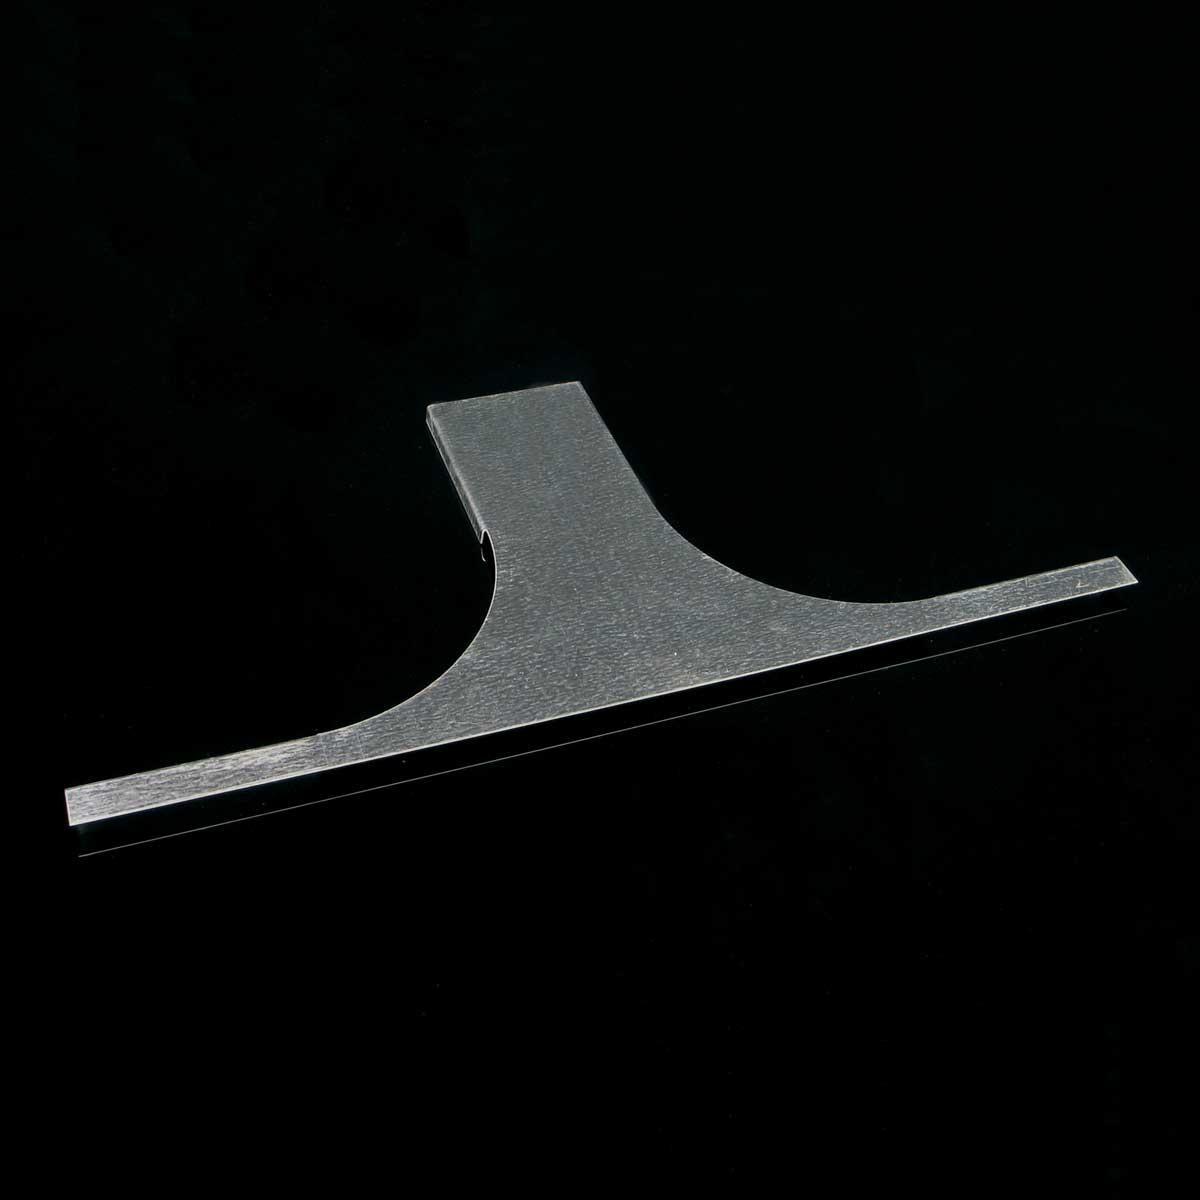 Кришка горизонтального відгалуження для лотка JUPITER; розміри-15x600x1003mm Товщ. метал-1 Вага-1,23кг/м